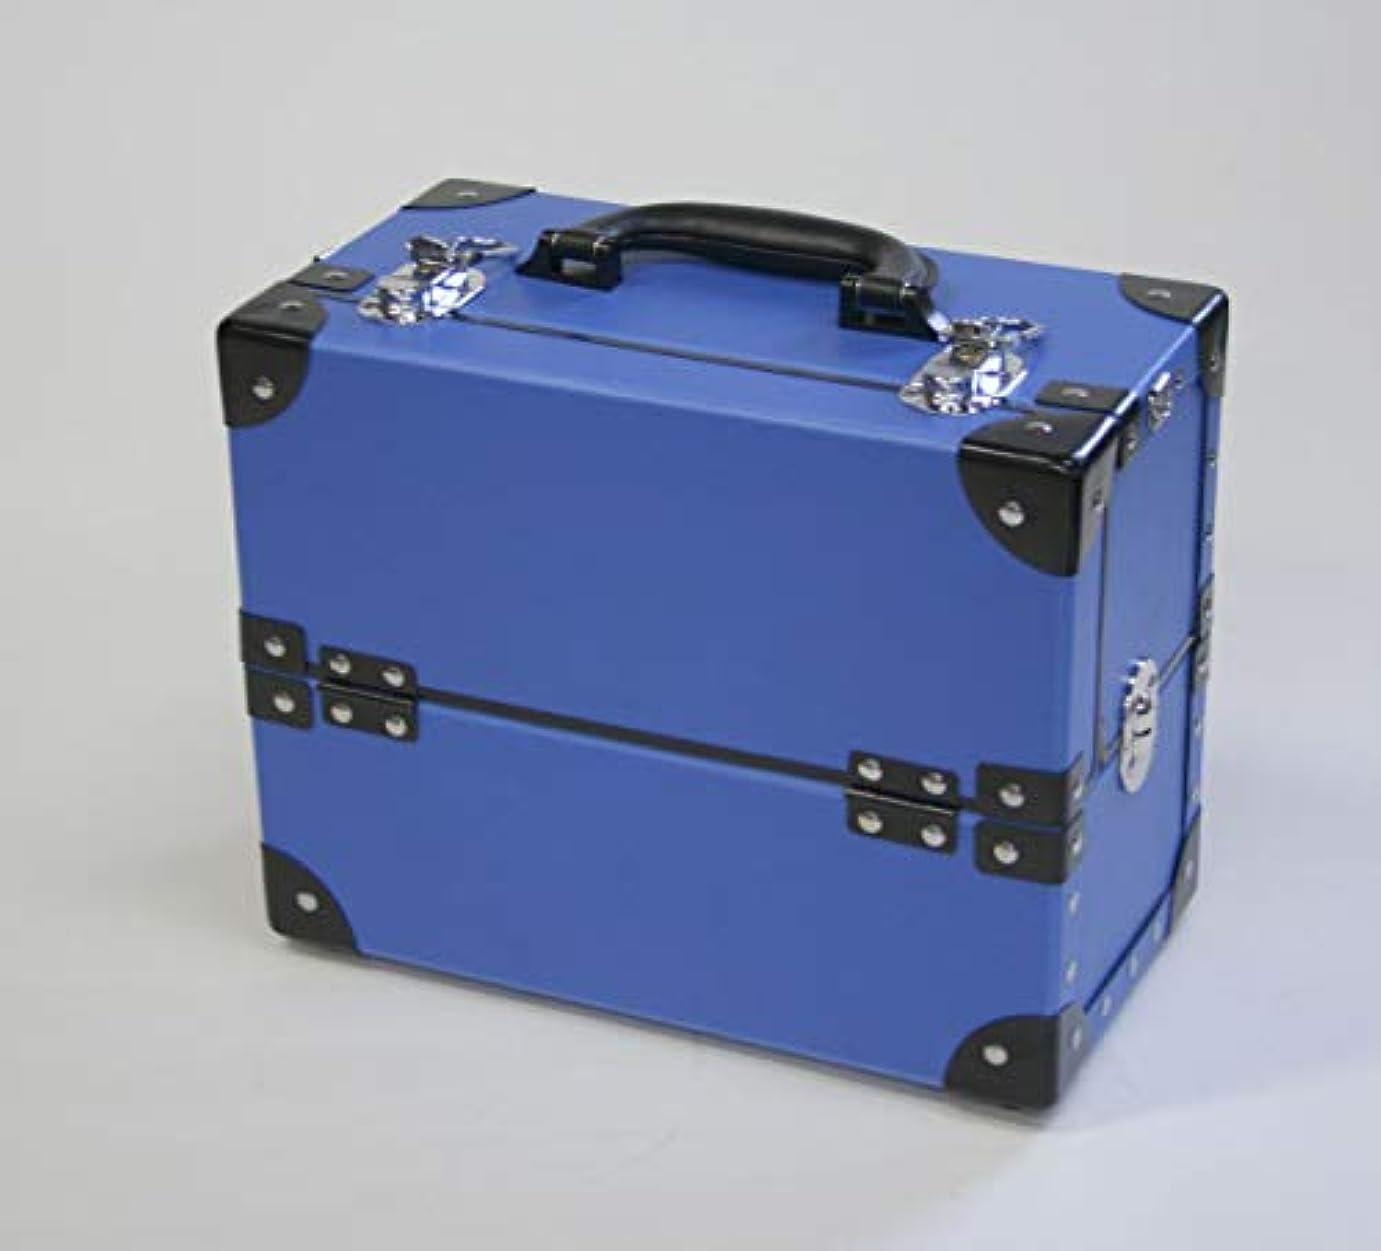 ジョイント掃くナースメイクボックス|HZ002BD-2(002BE-2)|軽量タイプ|コスメボックス 化粧箱 メイクアップボックス|Make box MAKE UP BOX (ブルー)